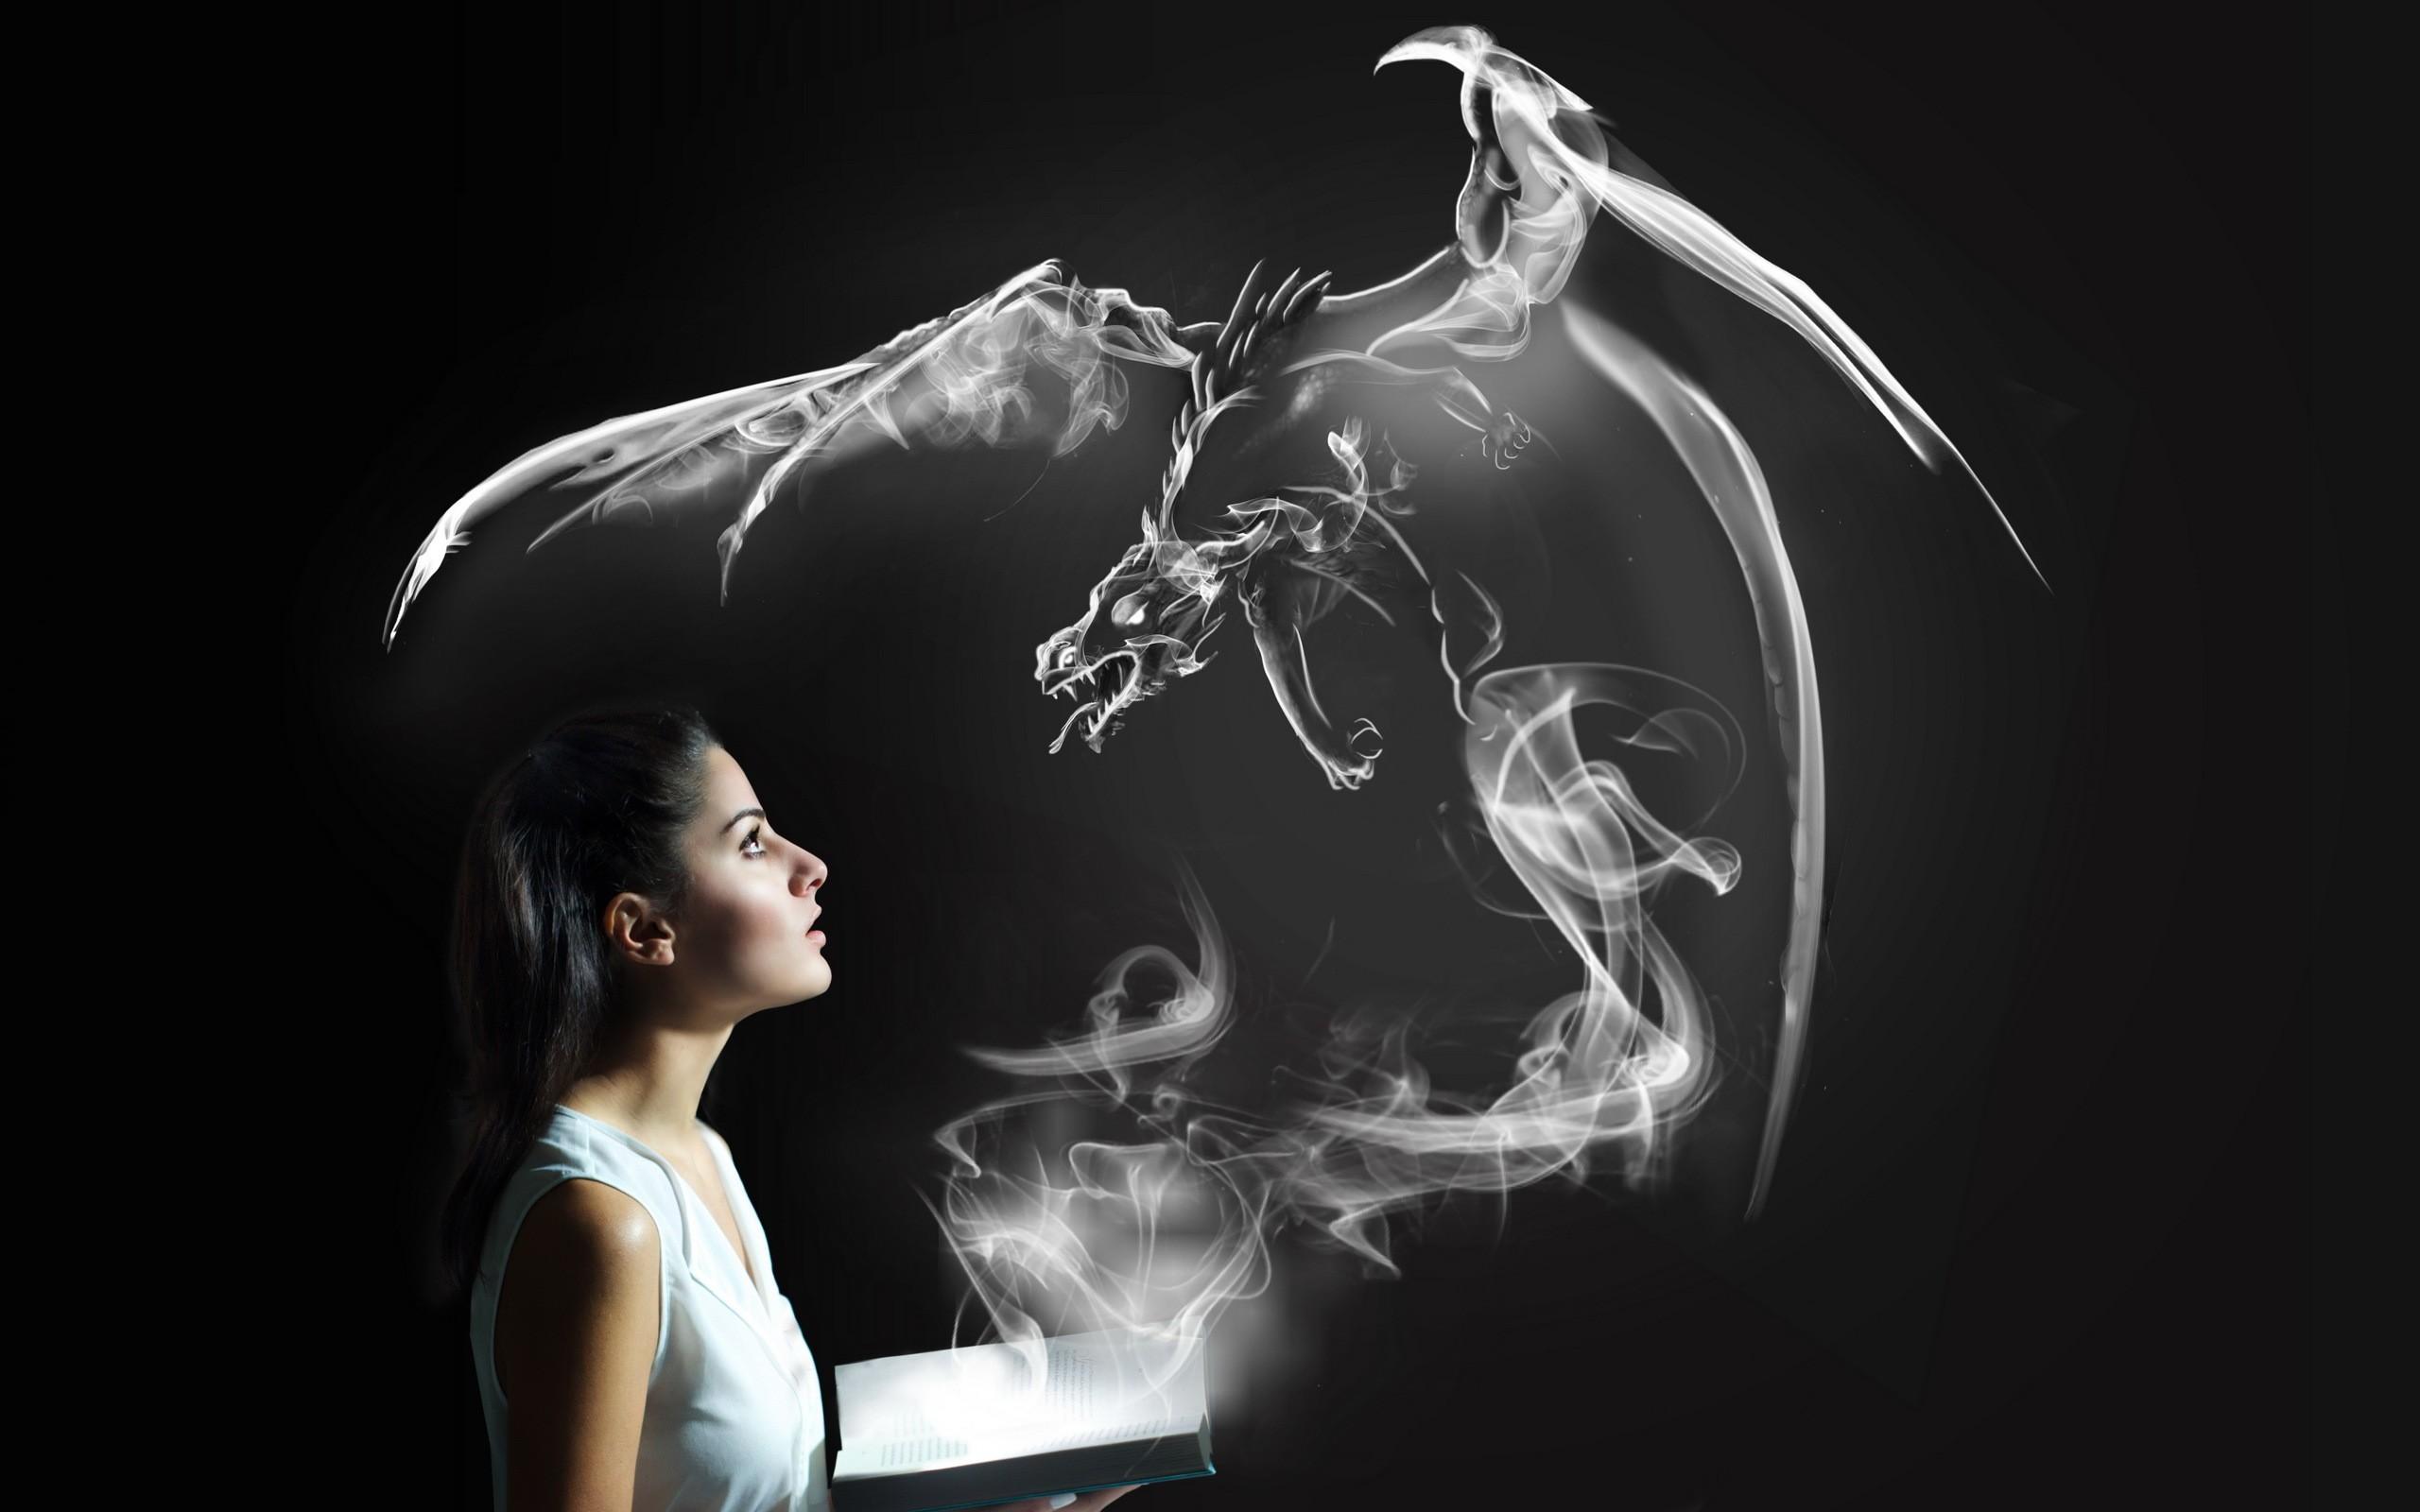 hintergrundbilder frau einfarbig fantasiekunst rauch drachen licht dunkelheit sinn. Black Bedroom Furniture Sets. Home Design Ideas